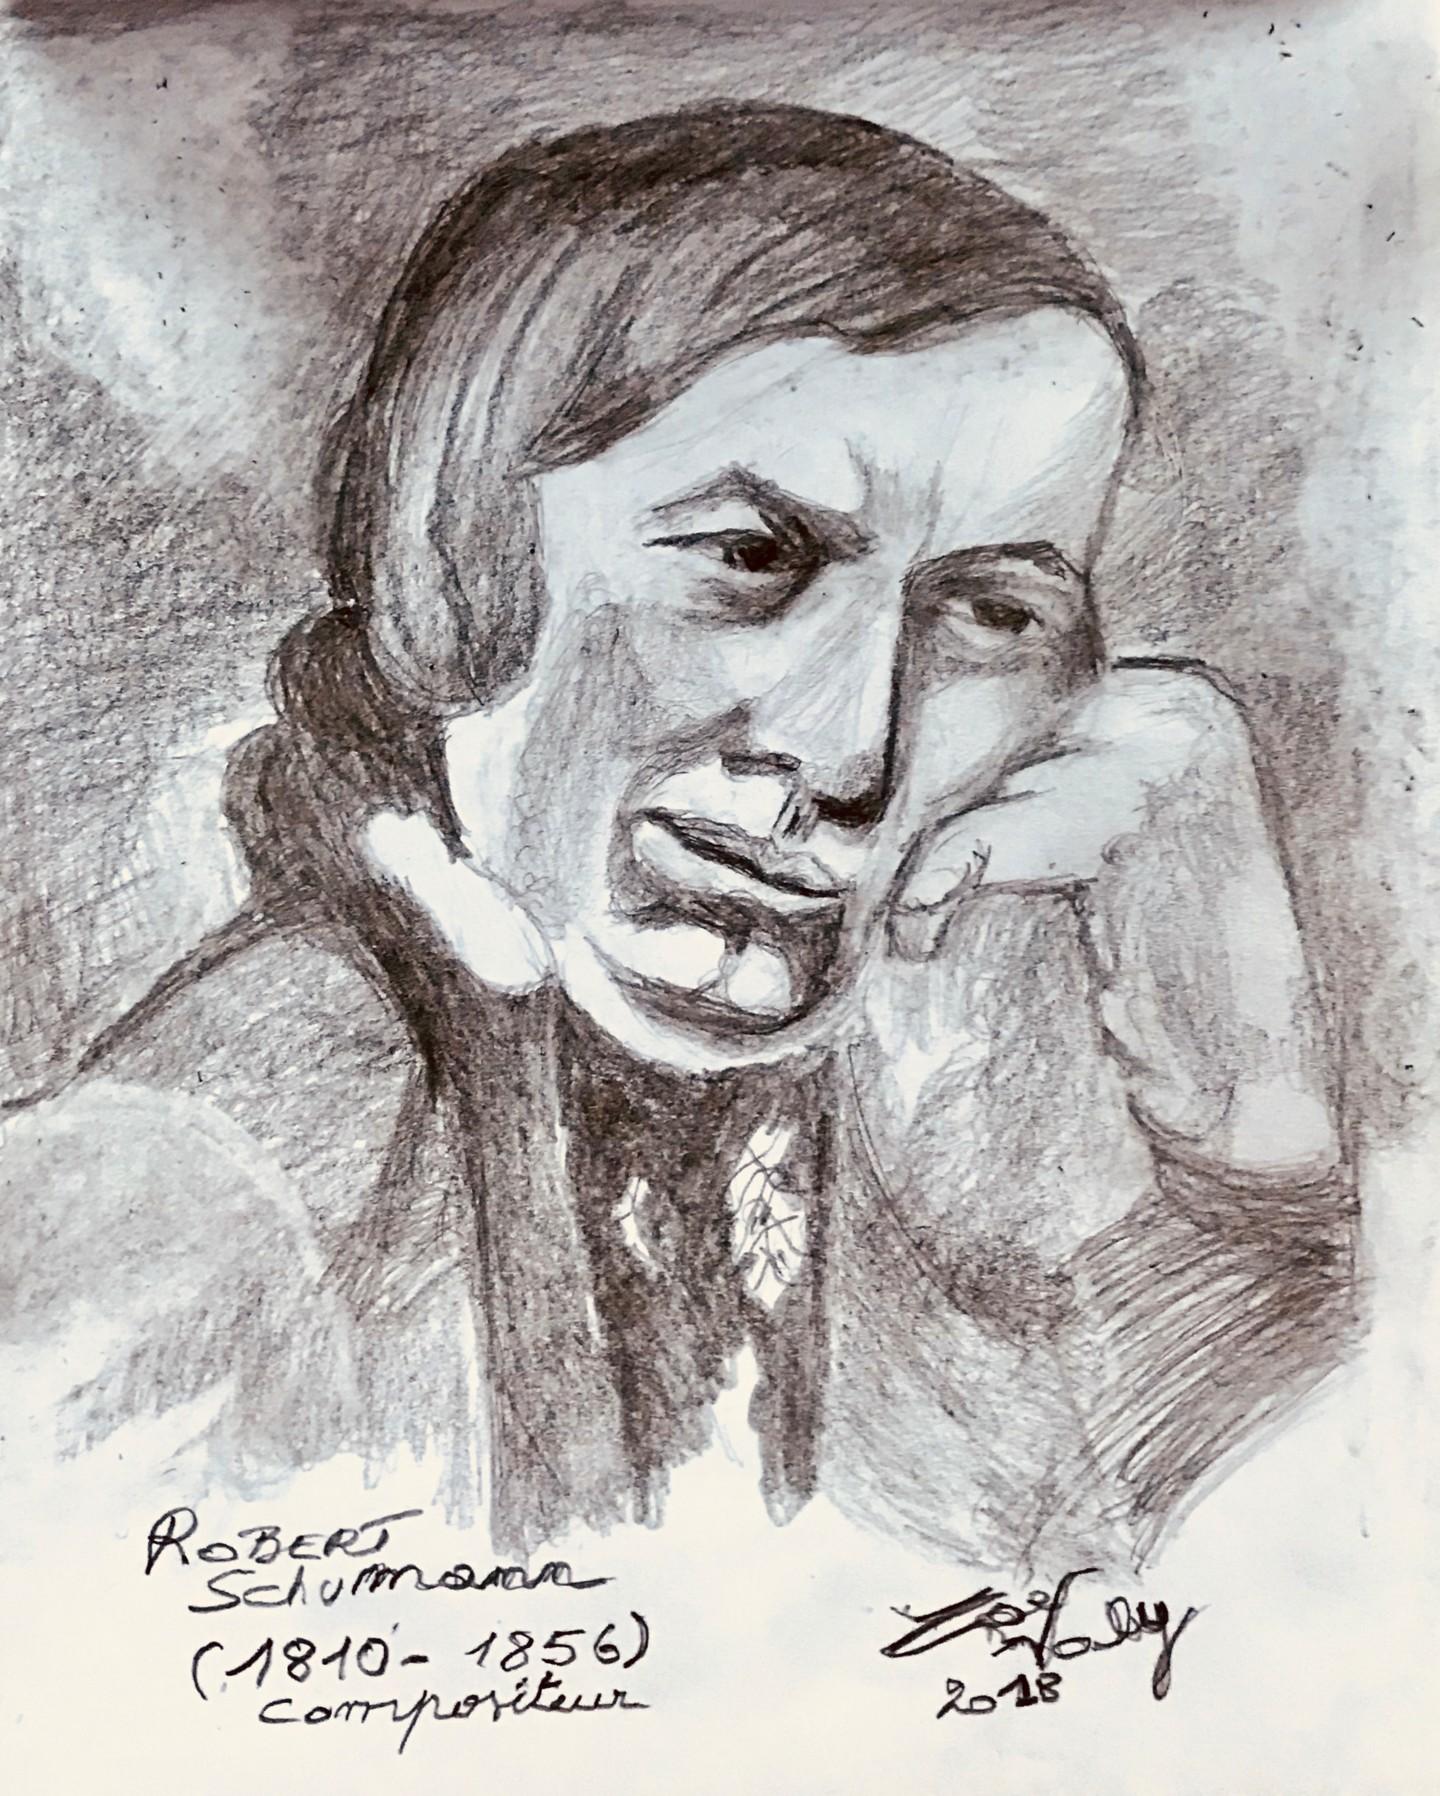 Zoé Valy - Robert Schumann